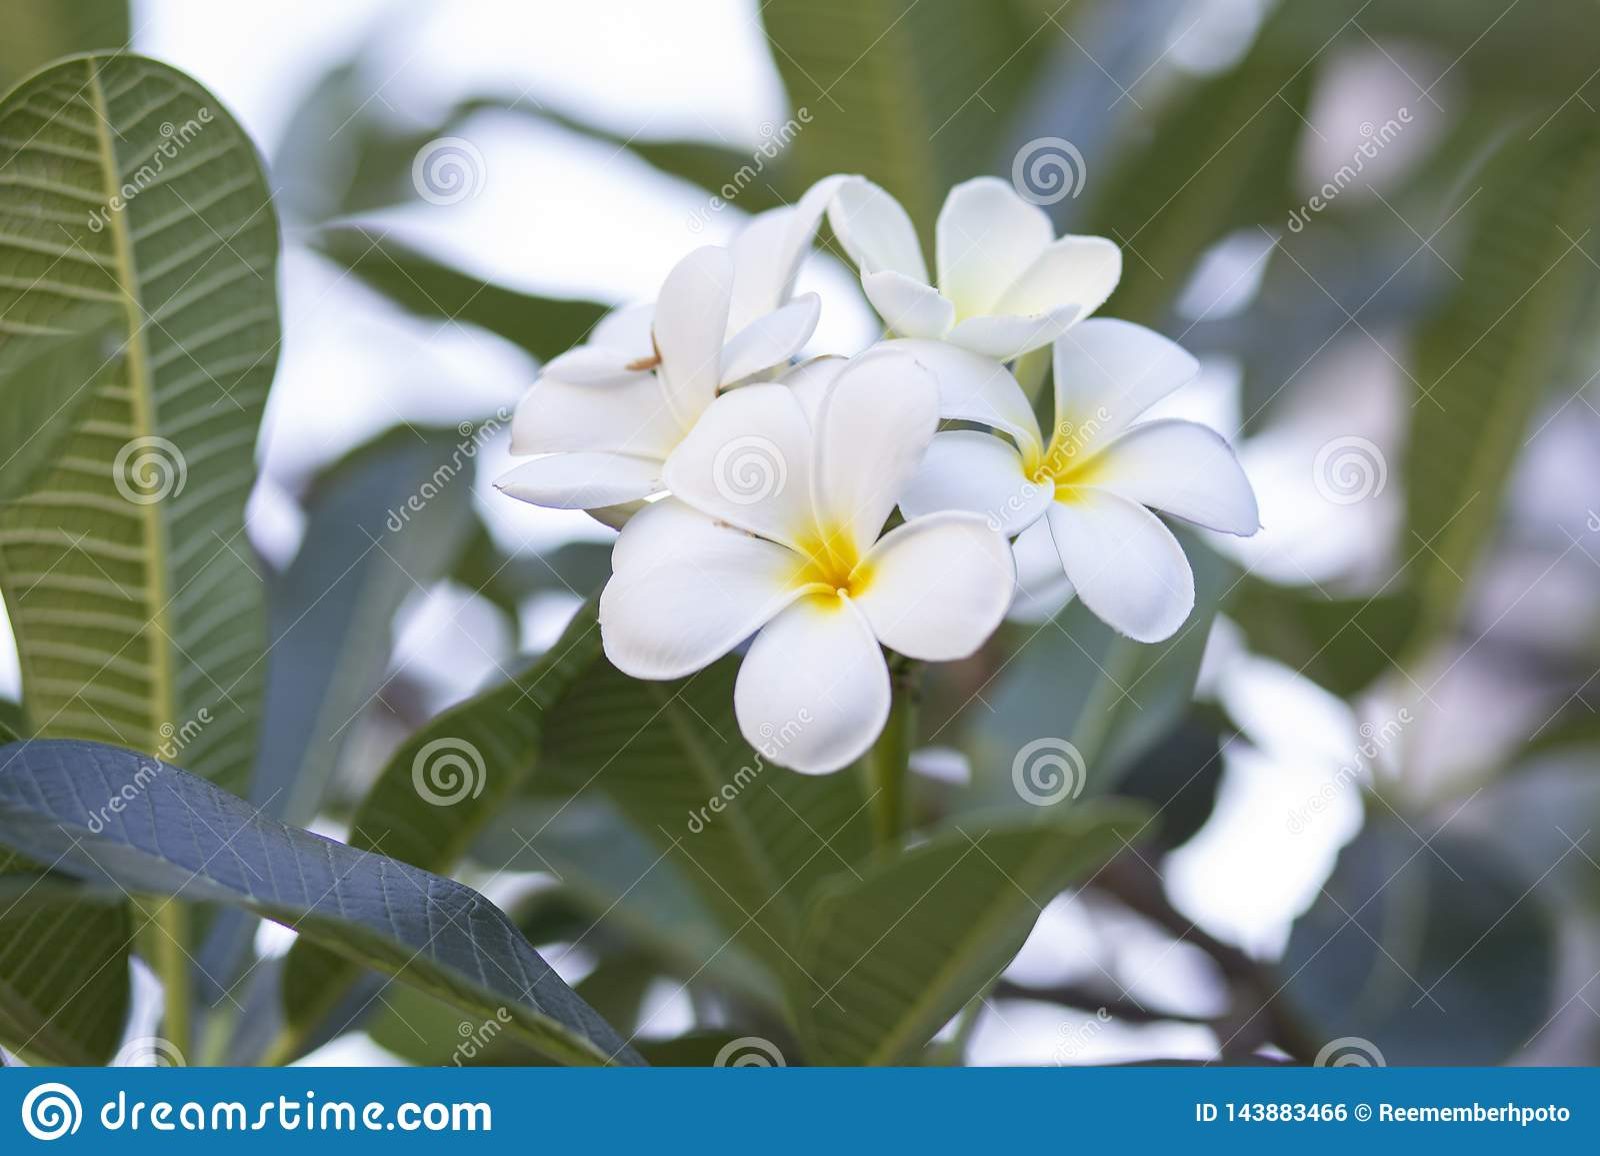 Frangipanien blommar den vita frangipanien och lämnar härligt, begreppet: Spa arom som kopplar av doftsymboler, en bukett av blom